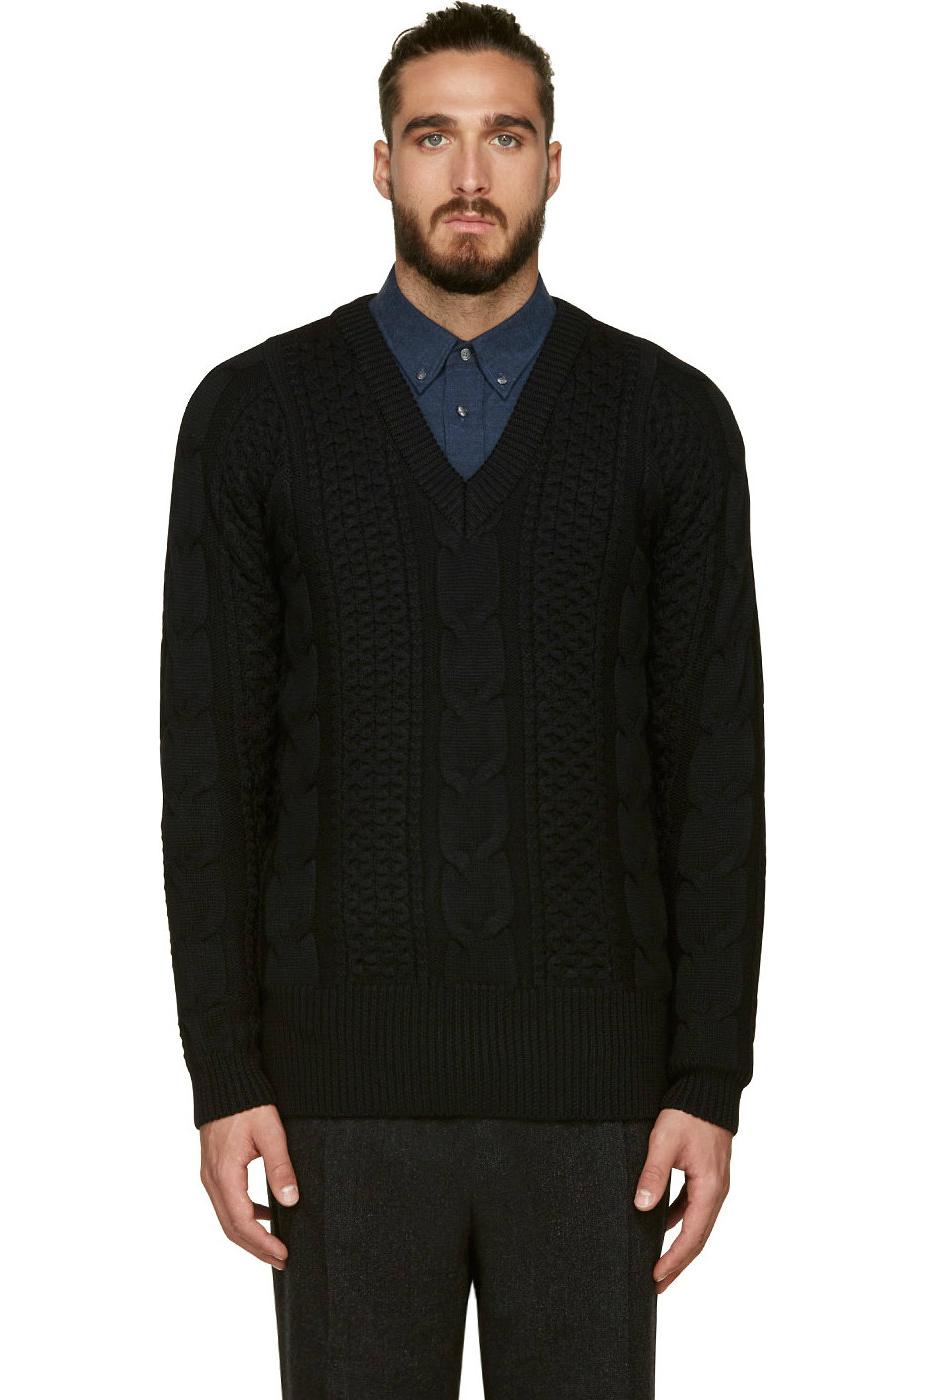 Мужской теплый черный свитер с косами, 08Sircus